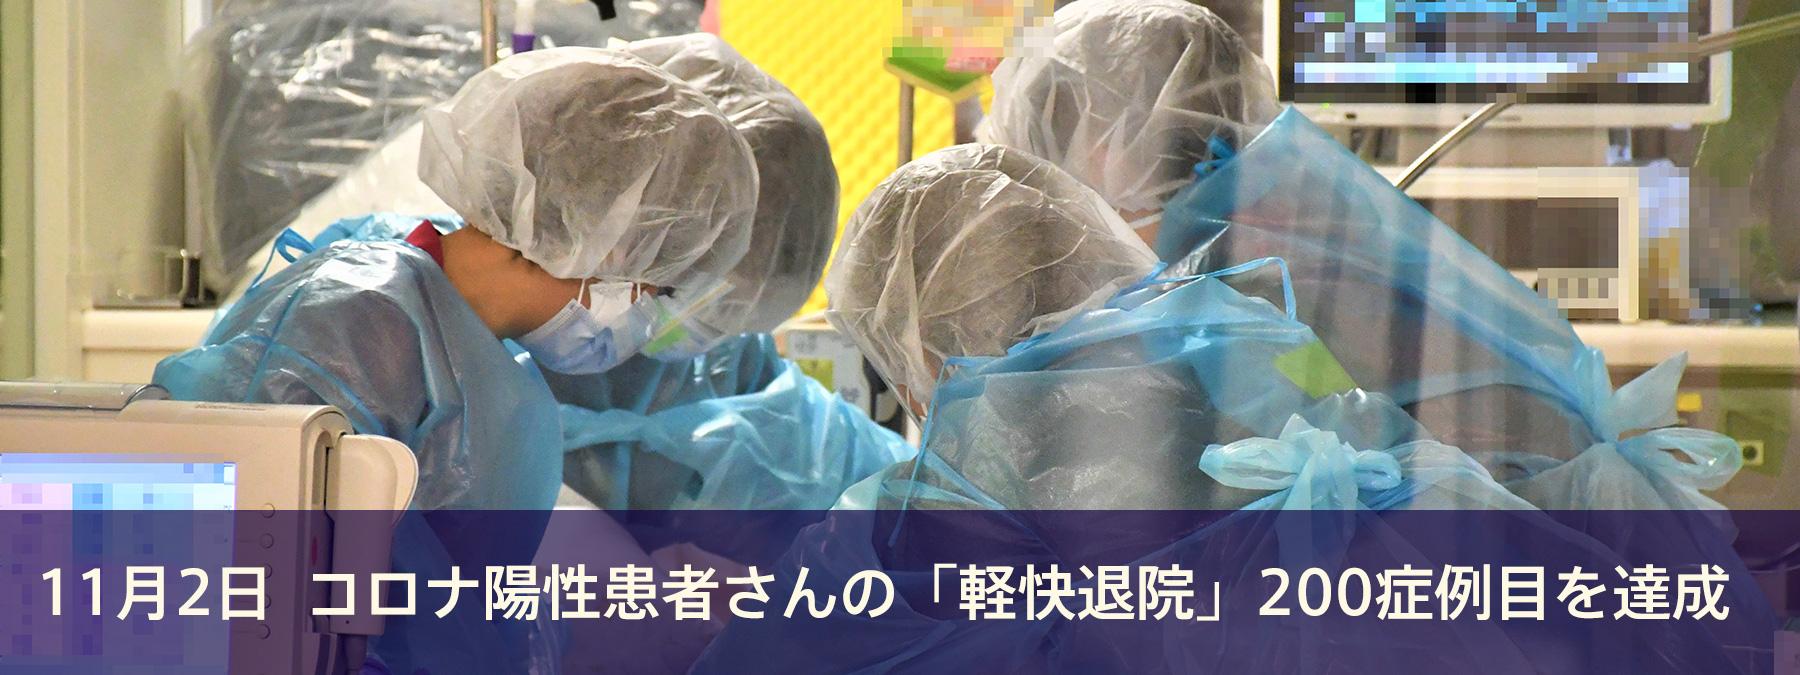 病院 大学 東京 歯科 コロナ 医科